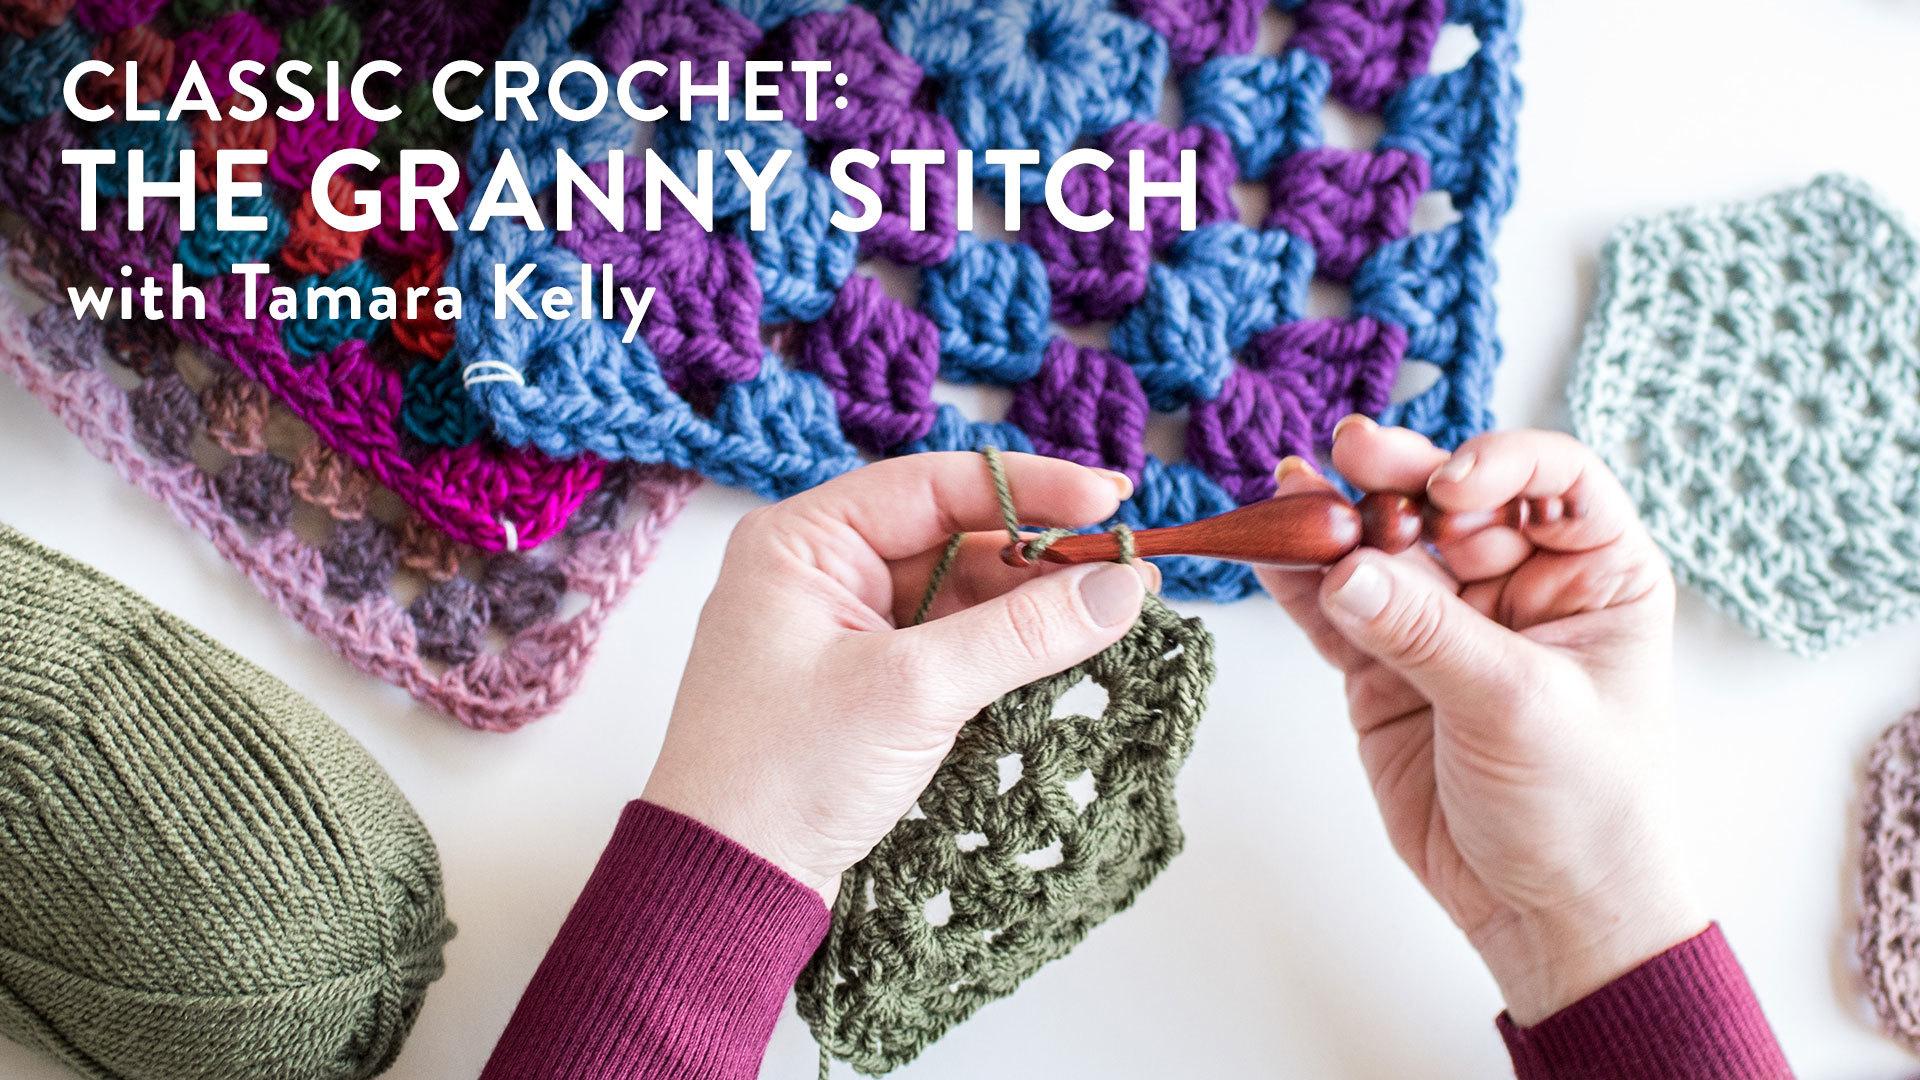 Classic Crochet: The Granny Stitch